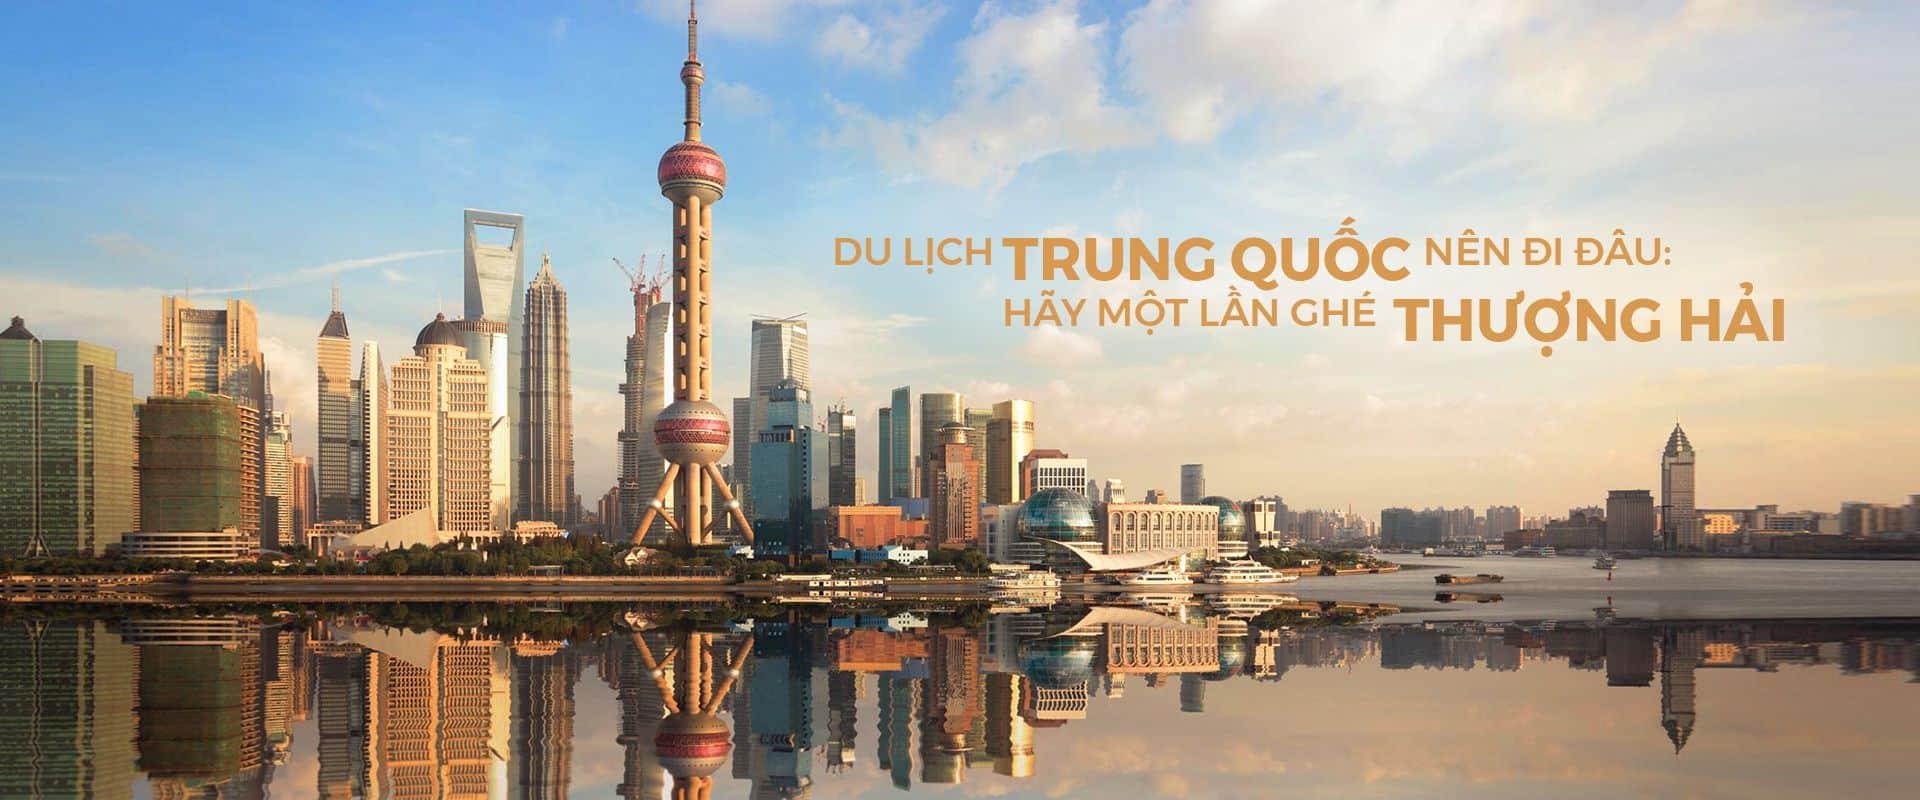 Kết quả hình ảnh cho Thượng Hải